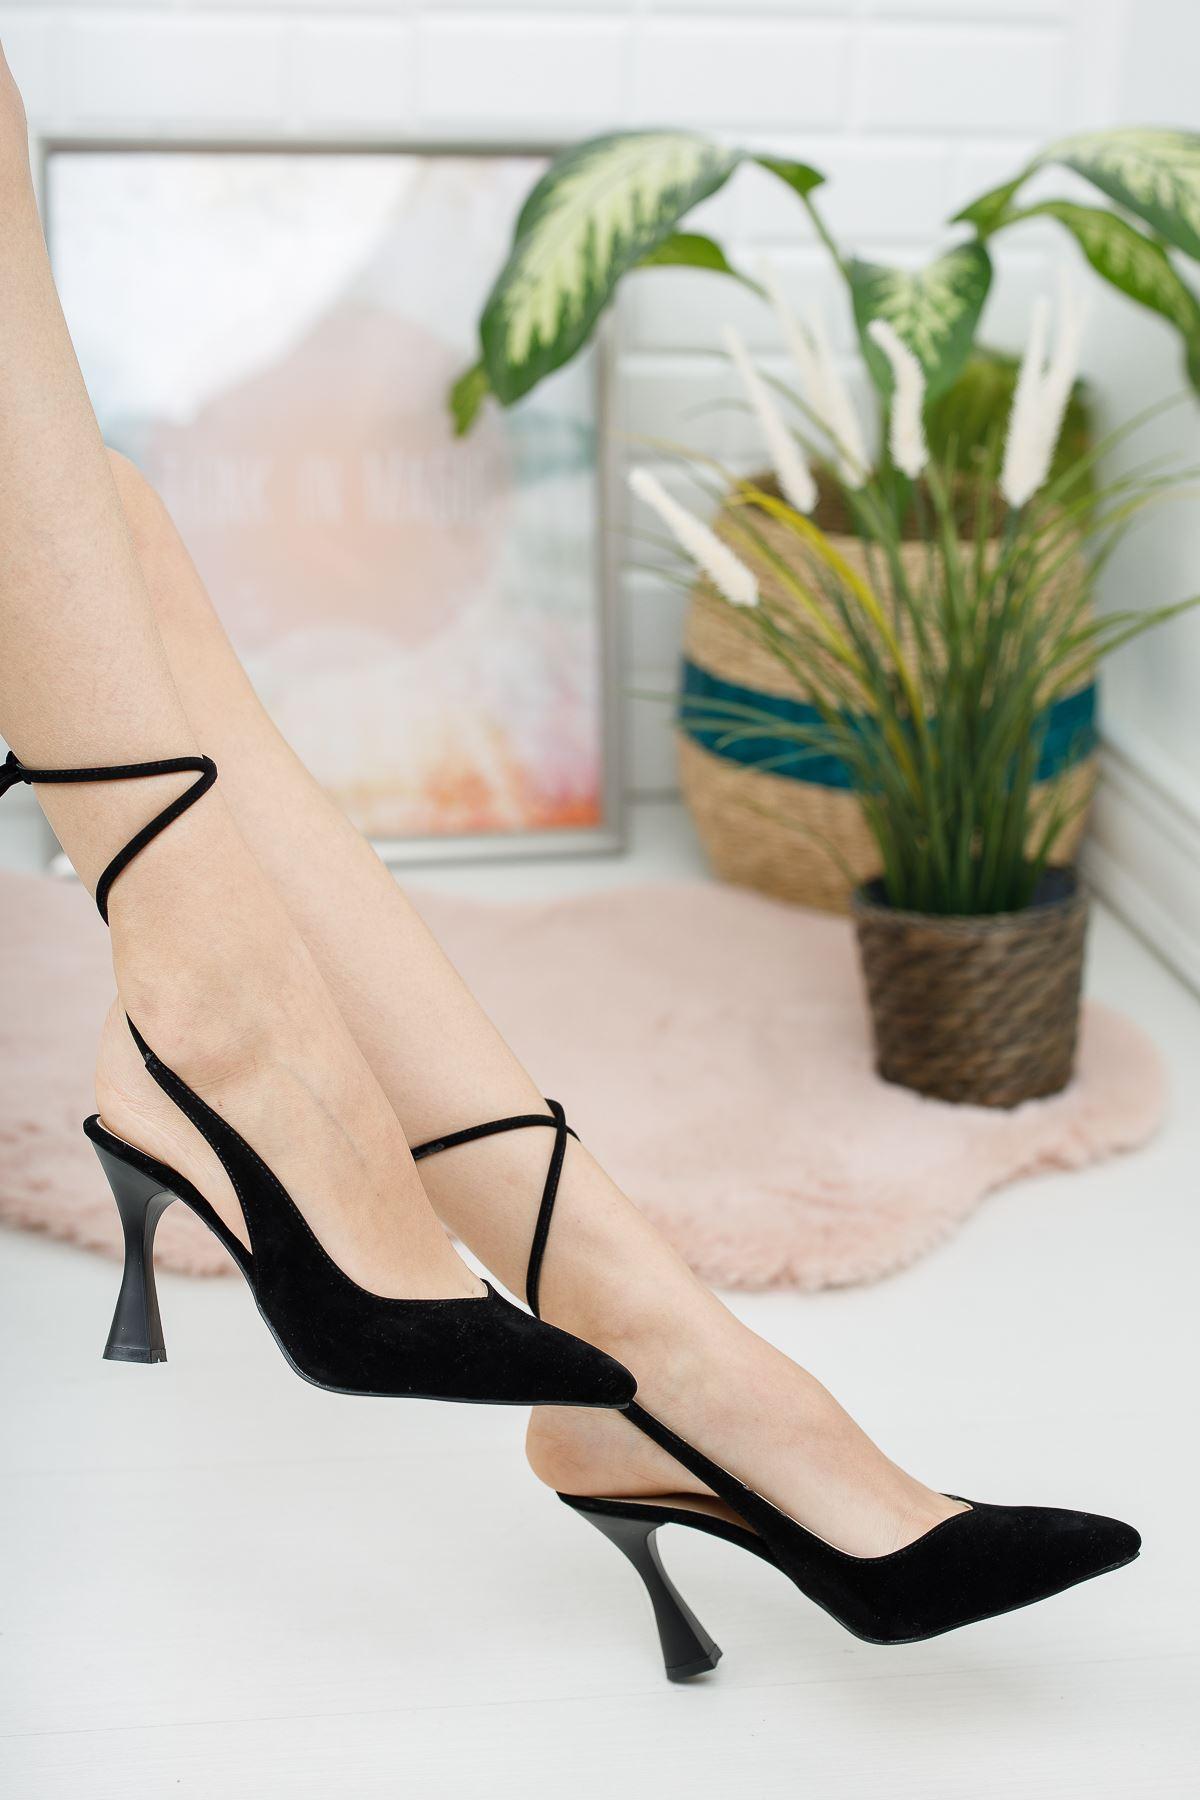 Kadın Delas Yüksek Topuklu Bağcık Detaylı Sivri Burun Siyah Süet Ayakkabı